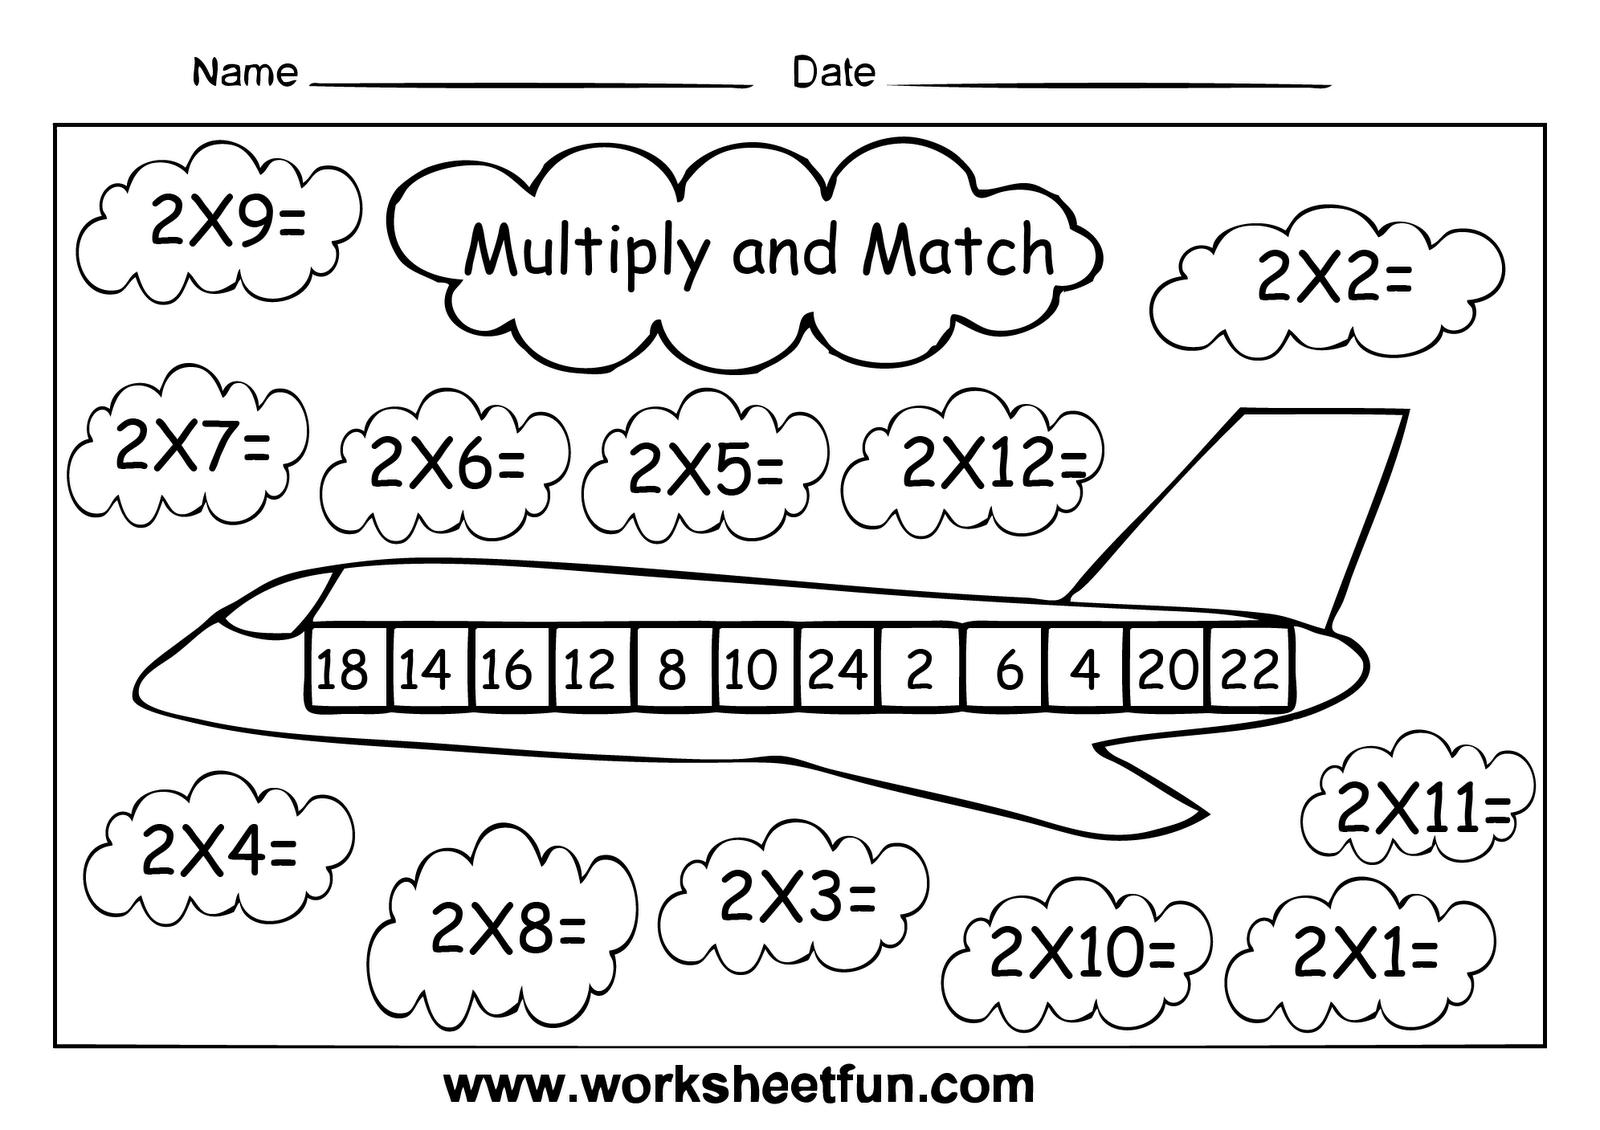 arab unity school grade 1 d blog multiplication worksheet. Black Bedroom Furniture Sets. Home Design Ideas